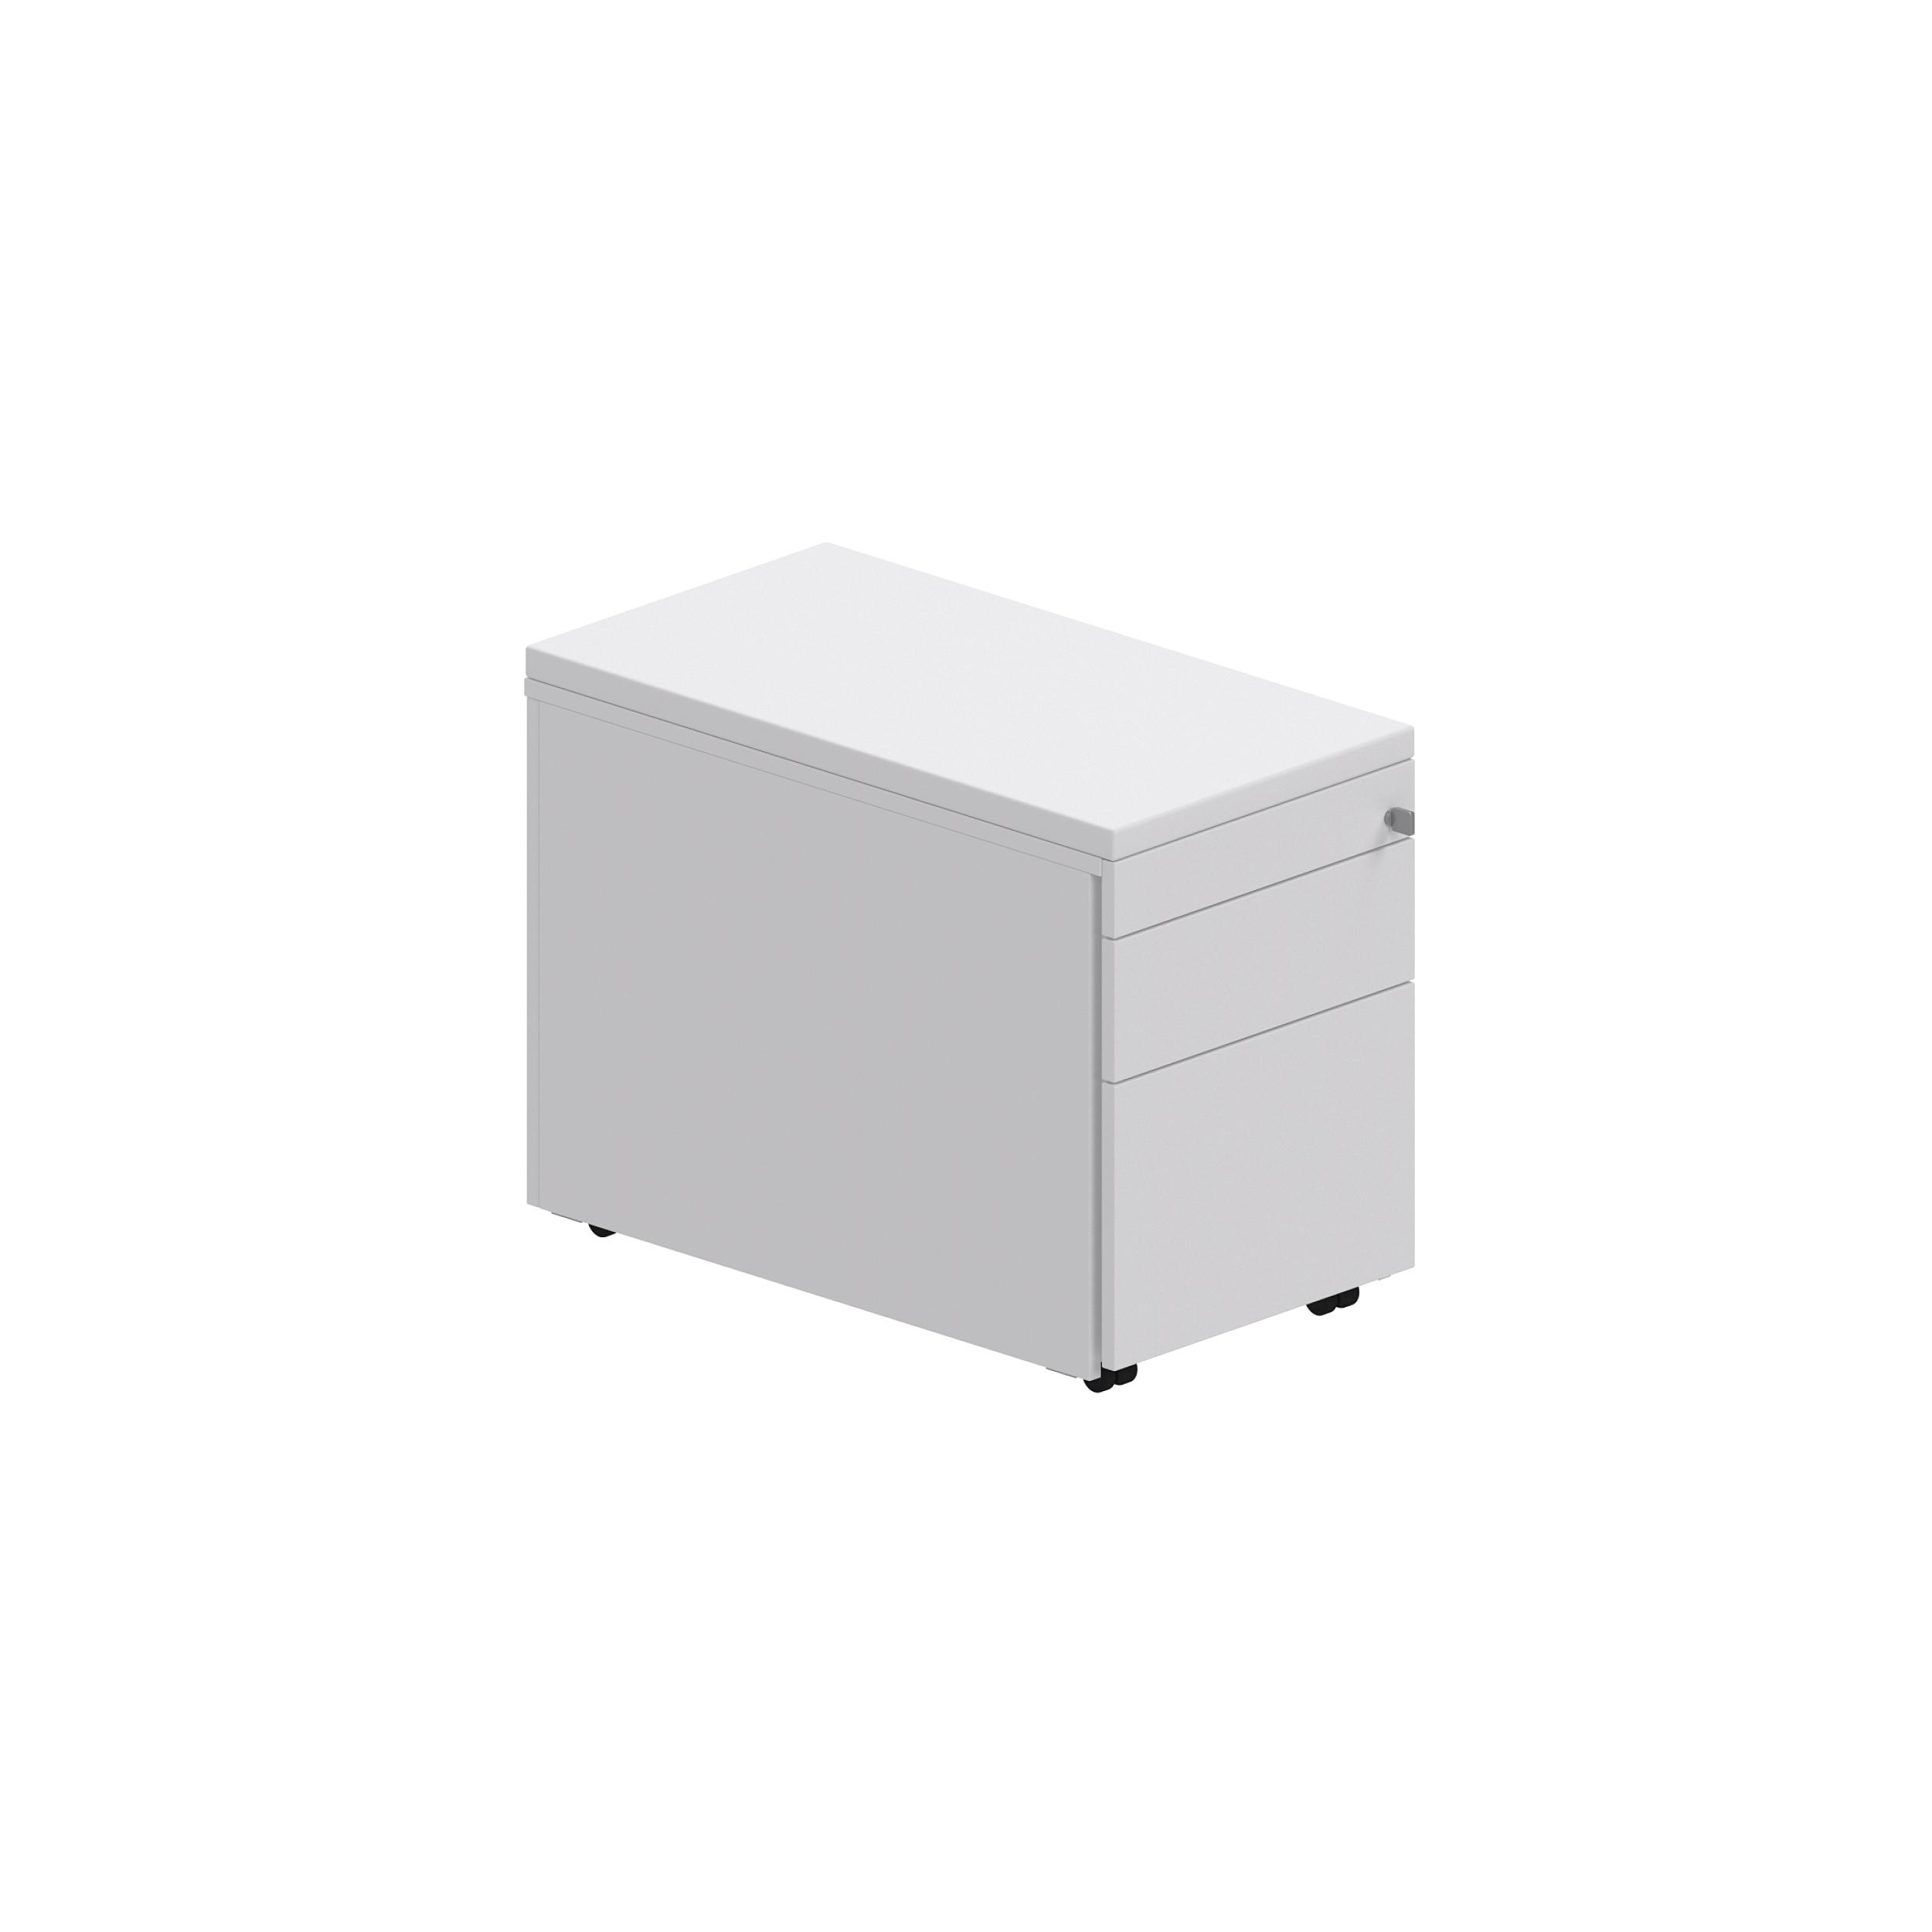 Armoire blanche simple cl mobilier armoires et for Armoire blanche bureau